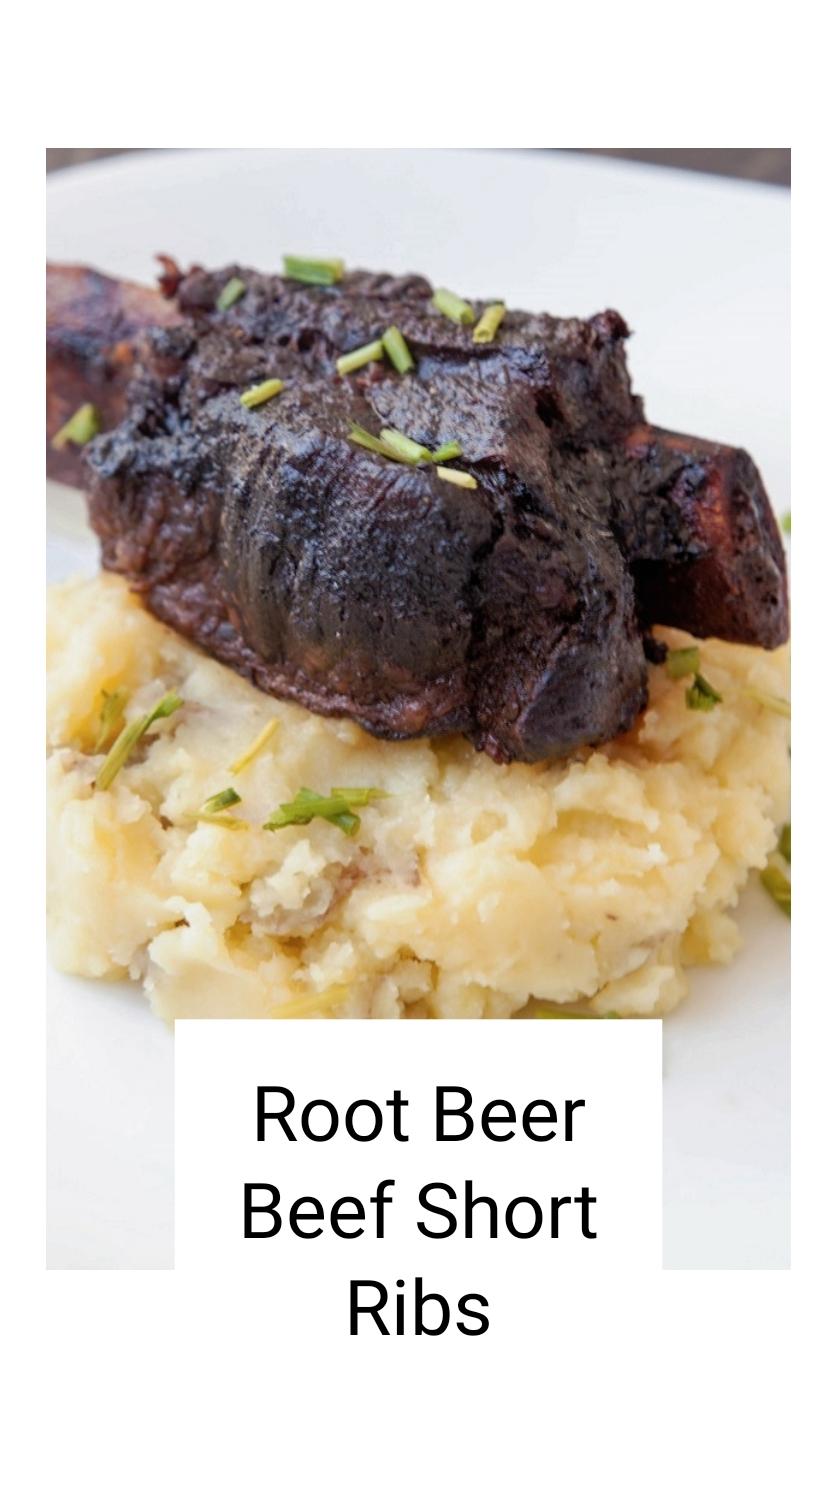 root beer beef short Ribs.jpg